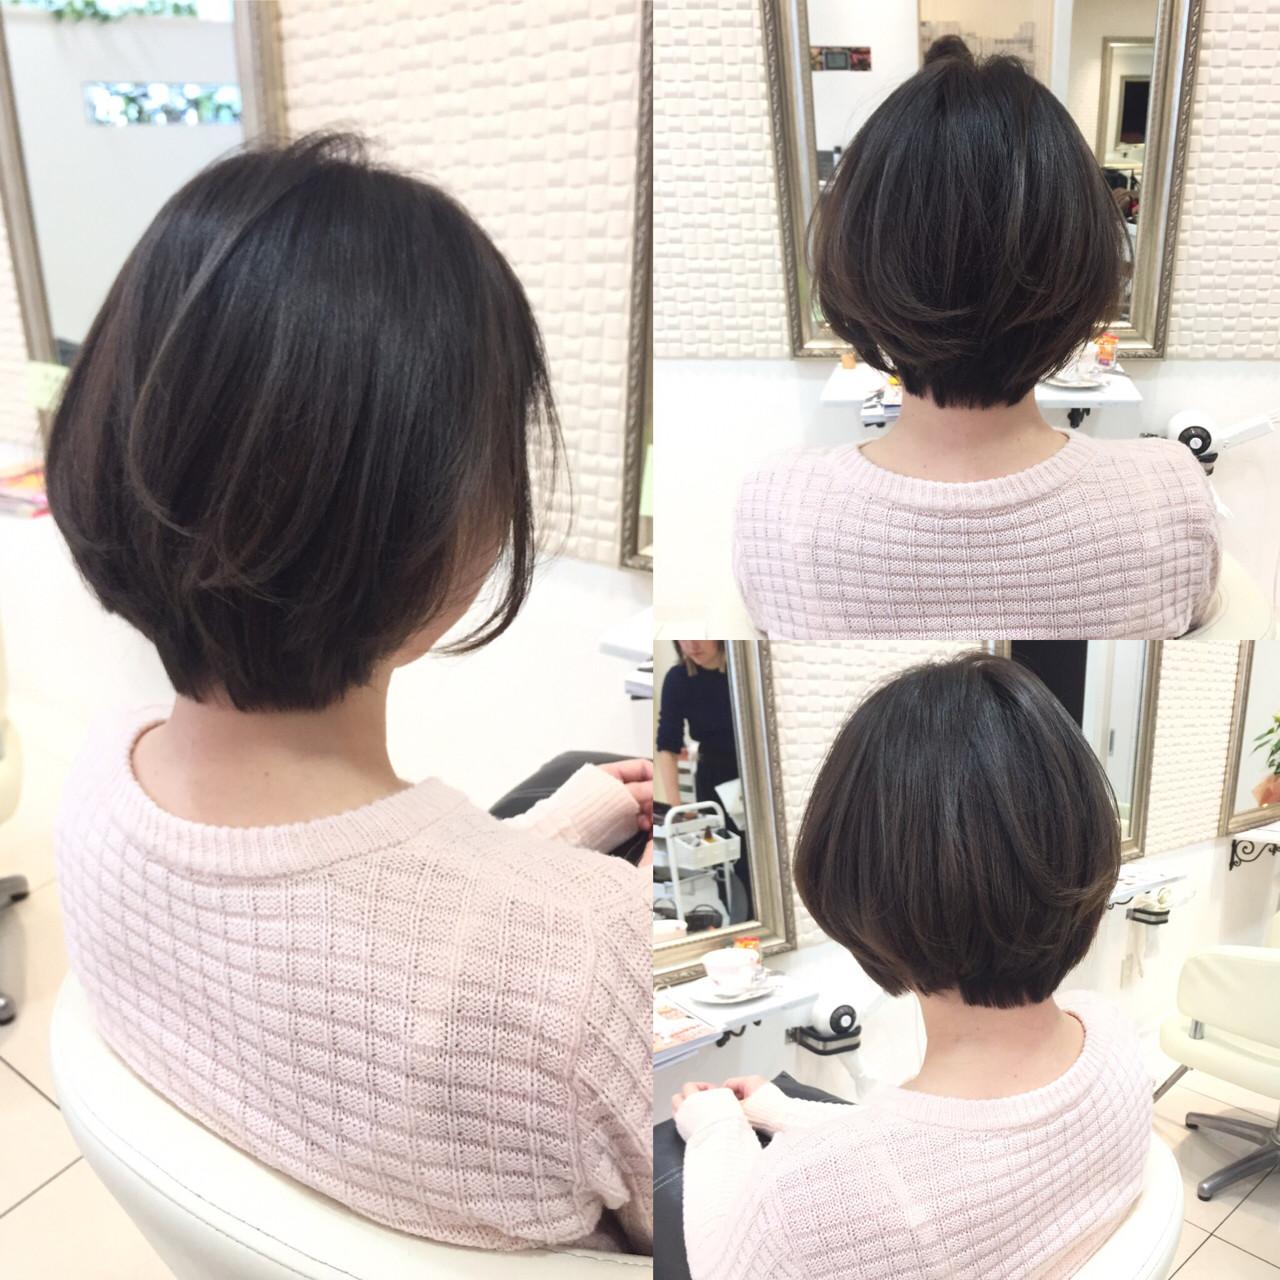 パーマ 色気 小顔 ナチュラル ヘアスタイルや髪型の写真・画像 | 立野寛『リュウノ ヒロシ』 / kicros